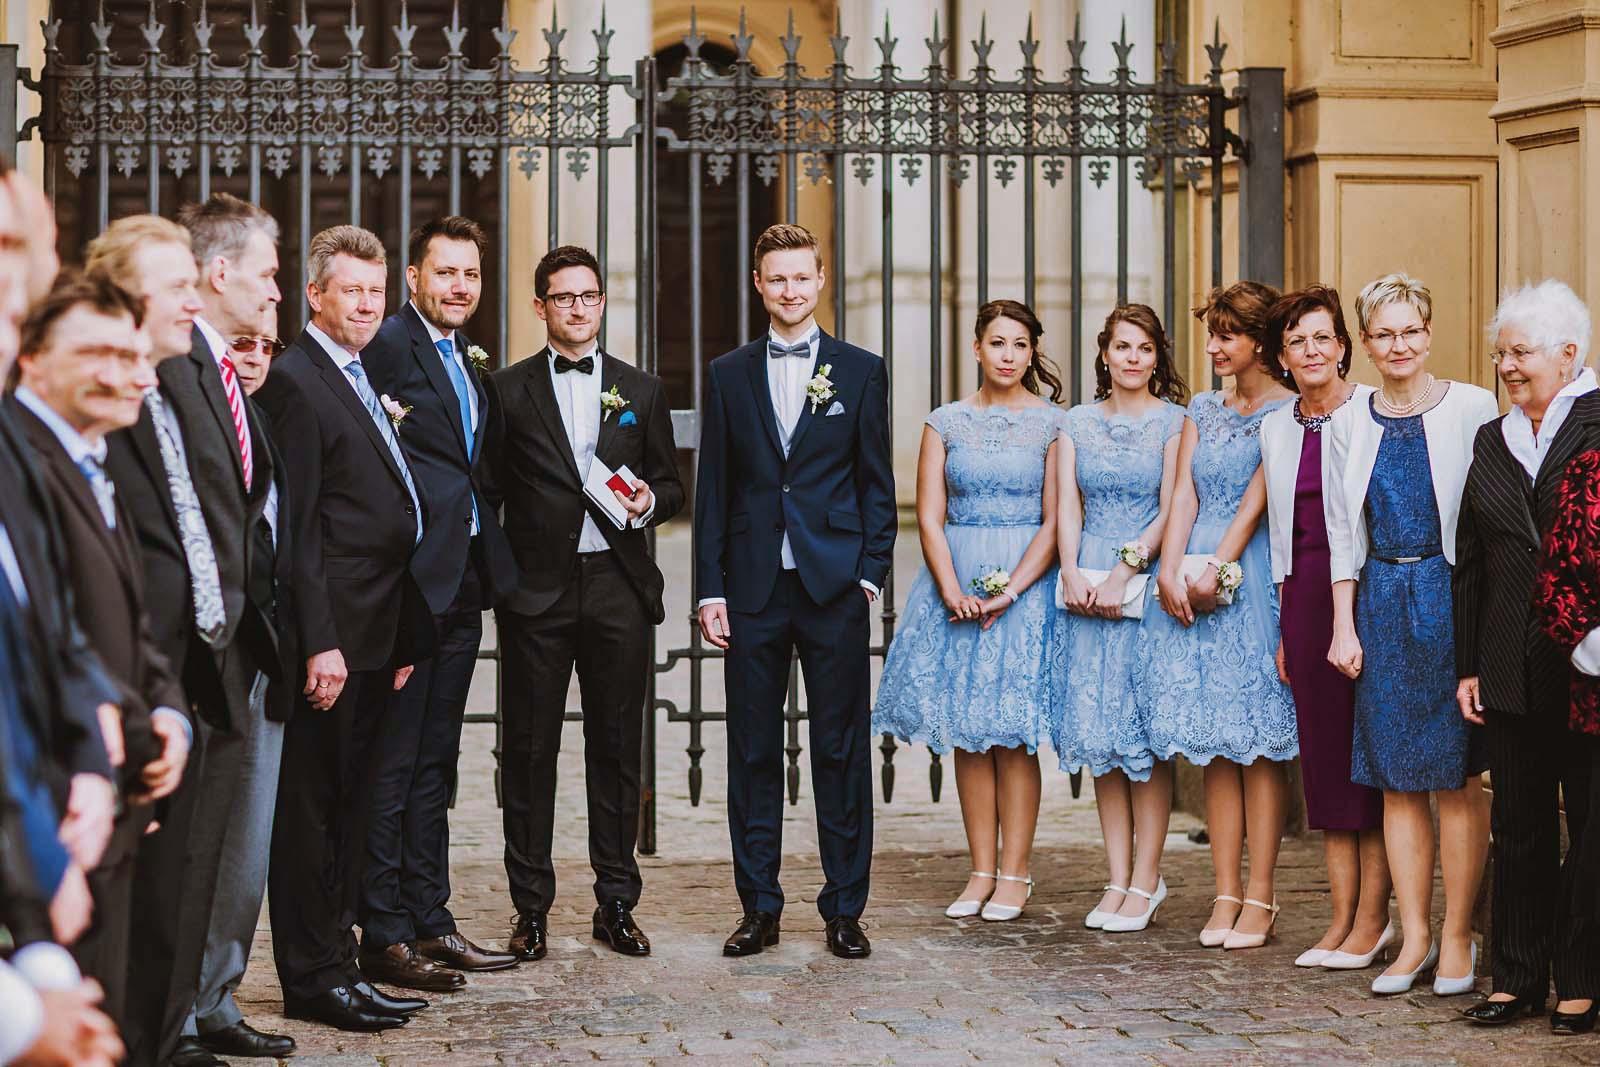 Hochzeitsfotograf Schwerin mit wartendem Braeutigam am Schloss Copyright by Hochzeitsfotograf www.berliner-hochzeitsfotografie.de